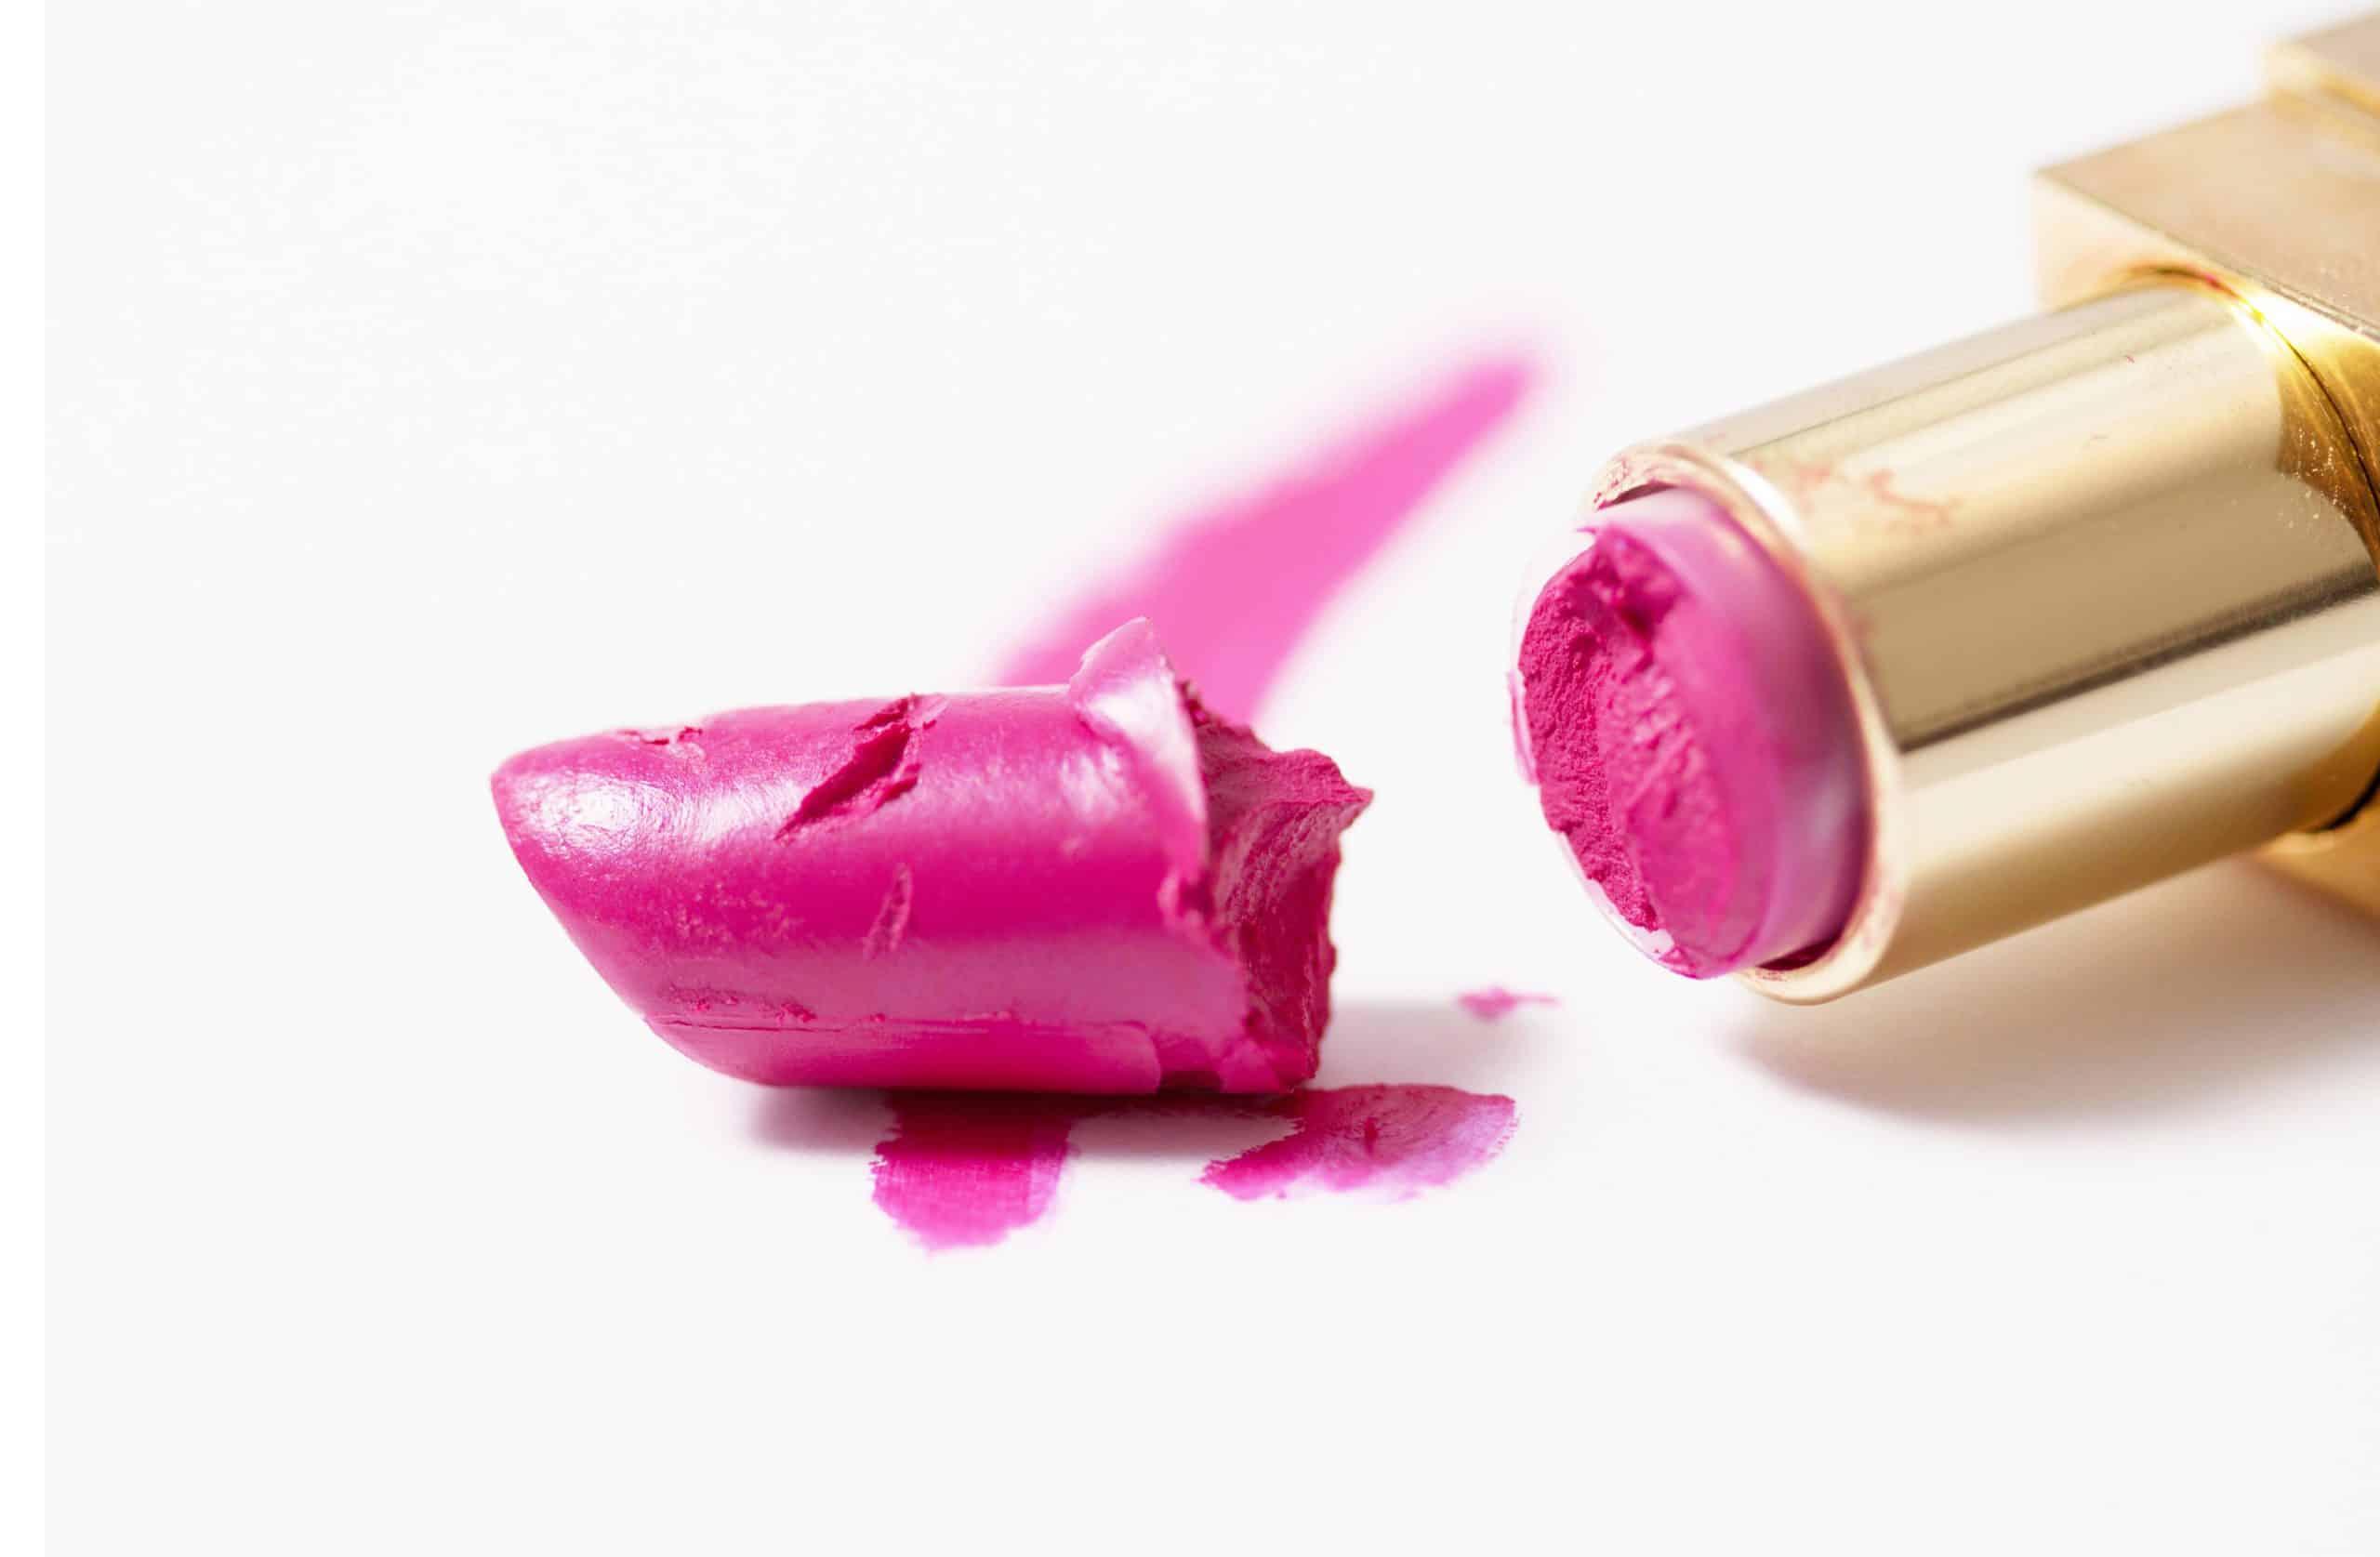 ¿Maquillaje Roto? 2 trucos que debes saber para arreglar tus sombras y labiales